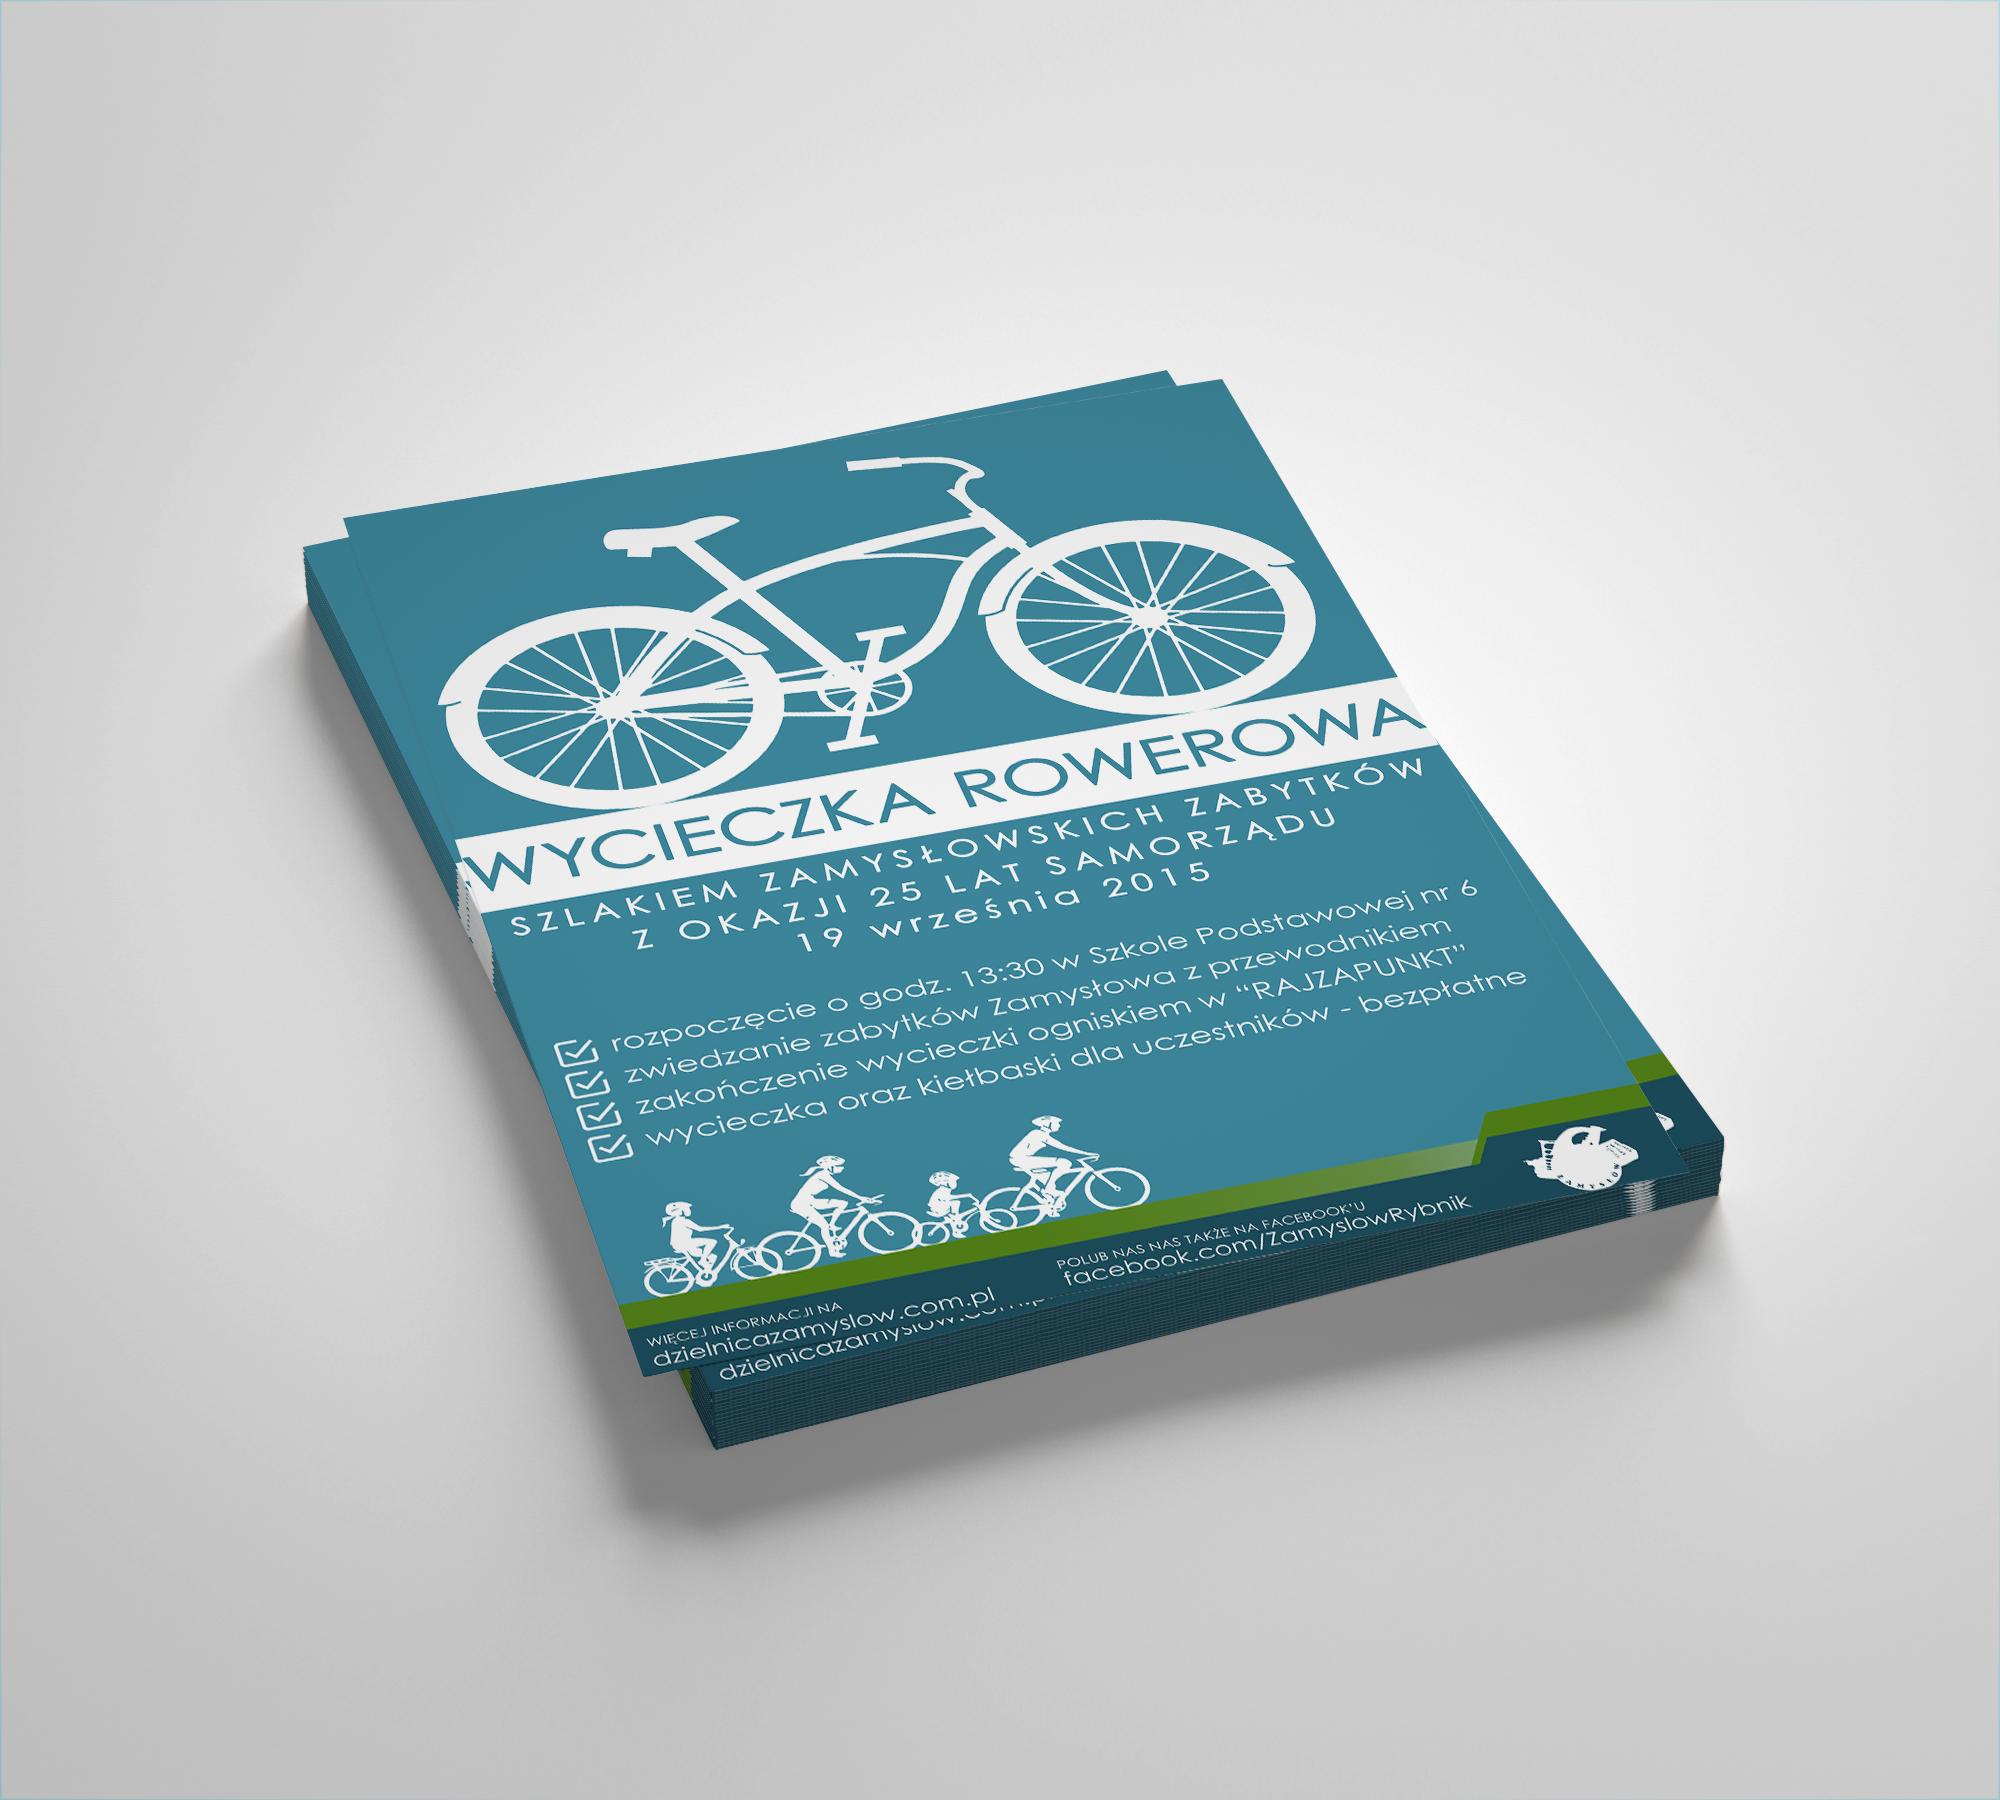 Zamysłów - Wycieczka rowerowa 1